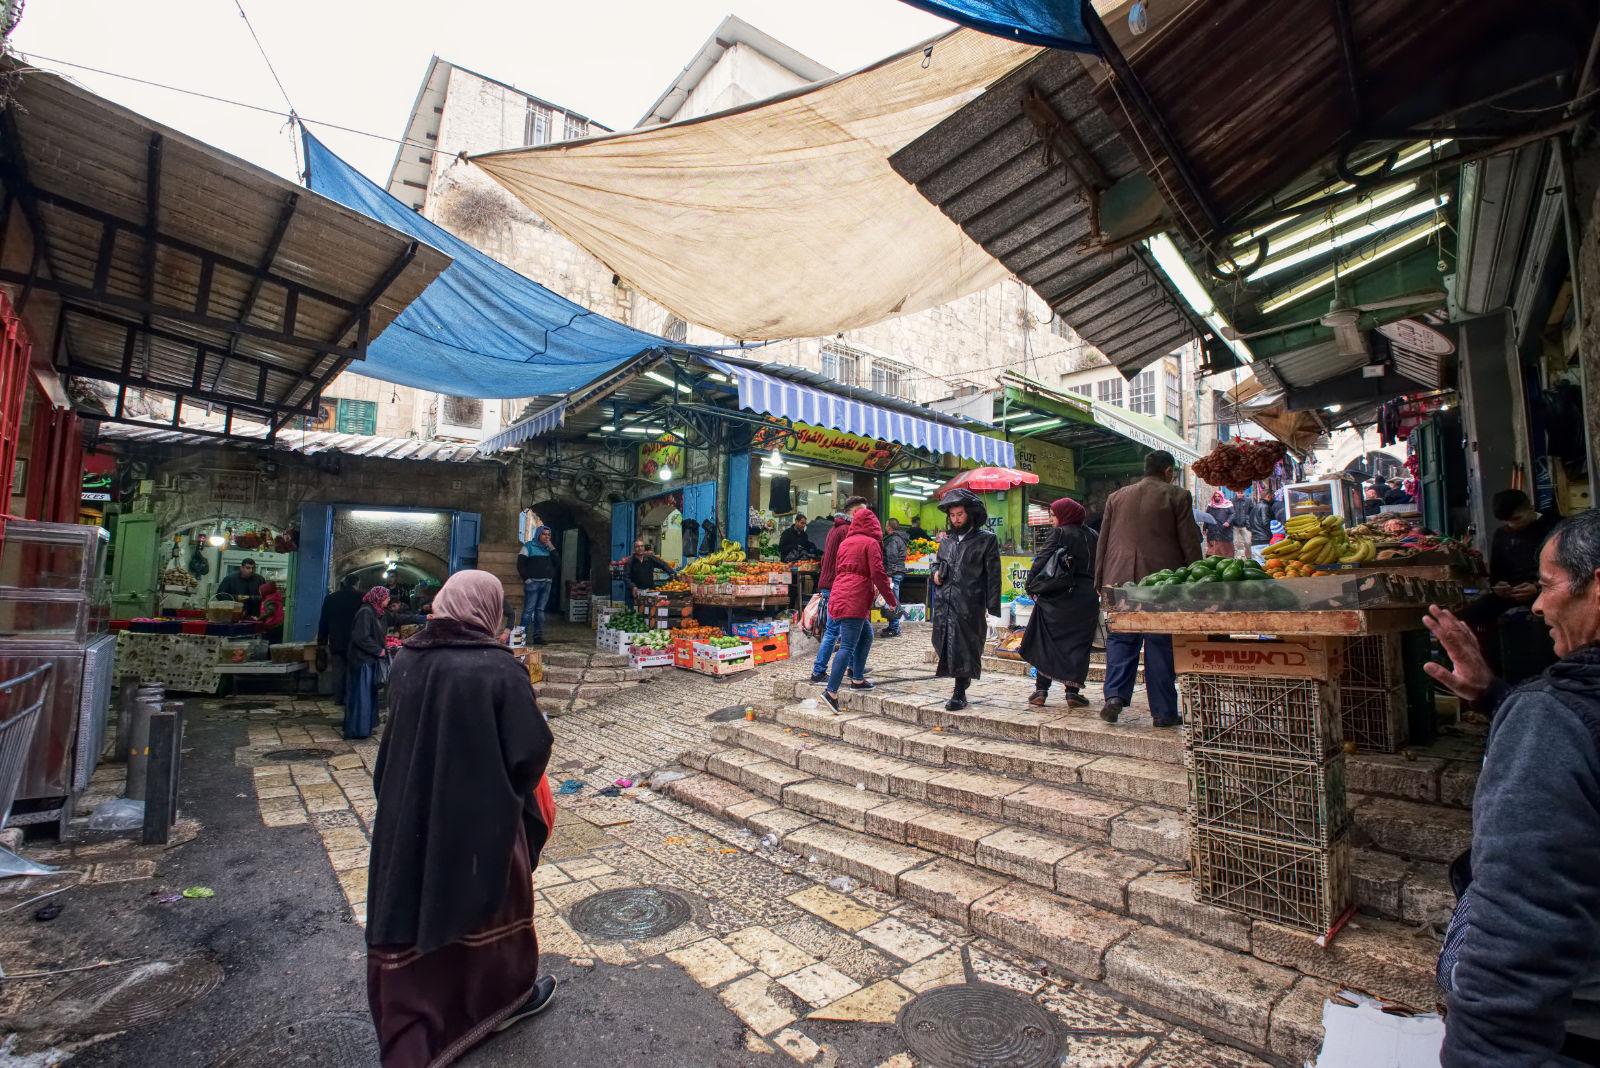 Markt in Bethlehem